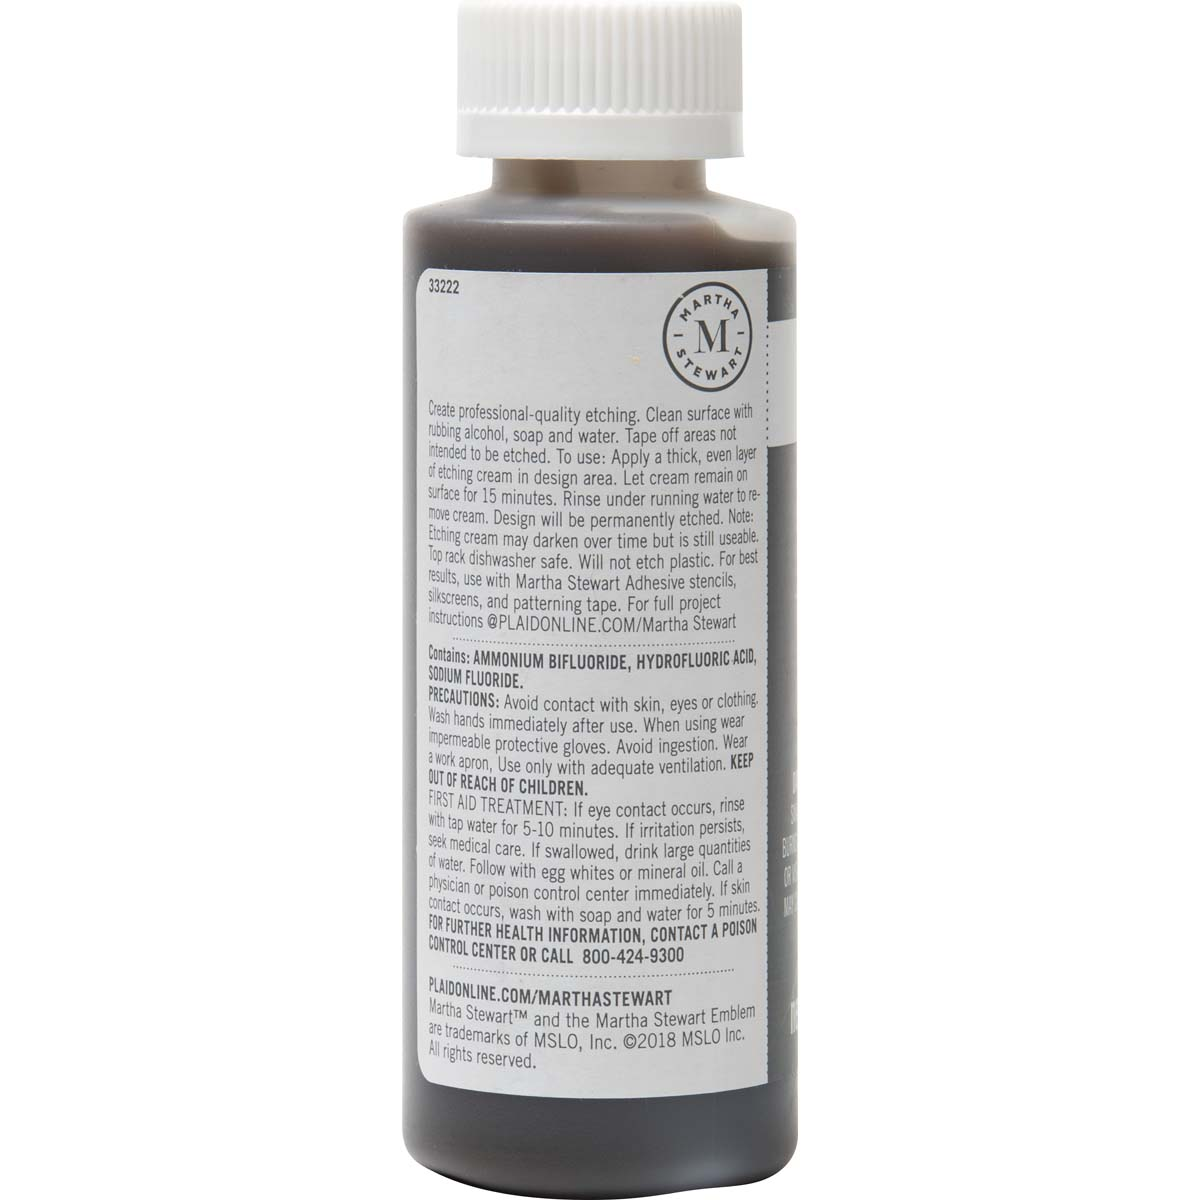 Martha Stewart ® Glass Etch Cream & Brush, 4 oz. - 33222